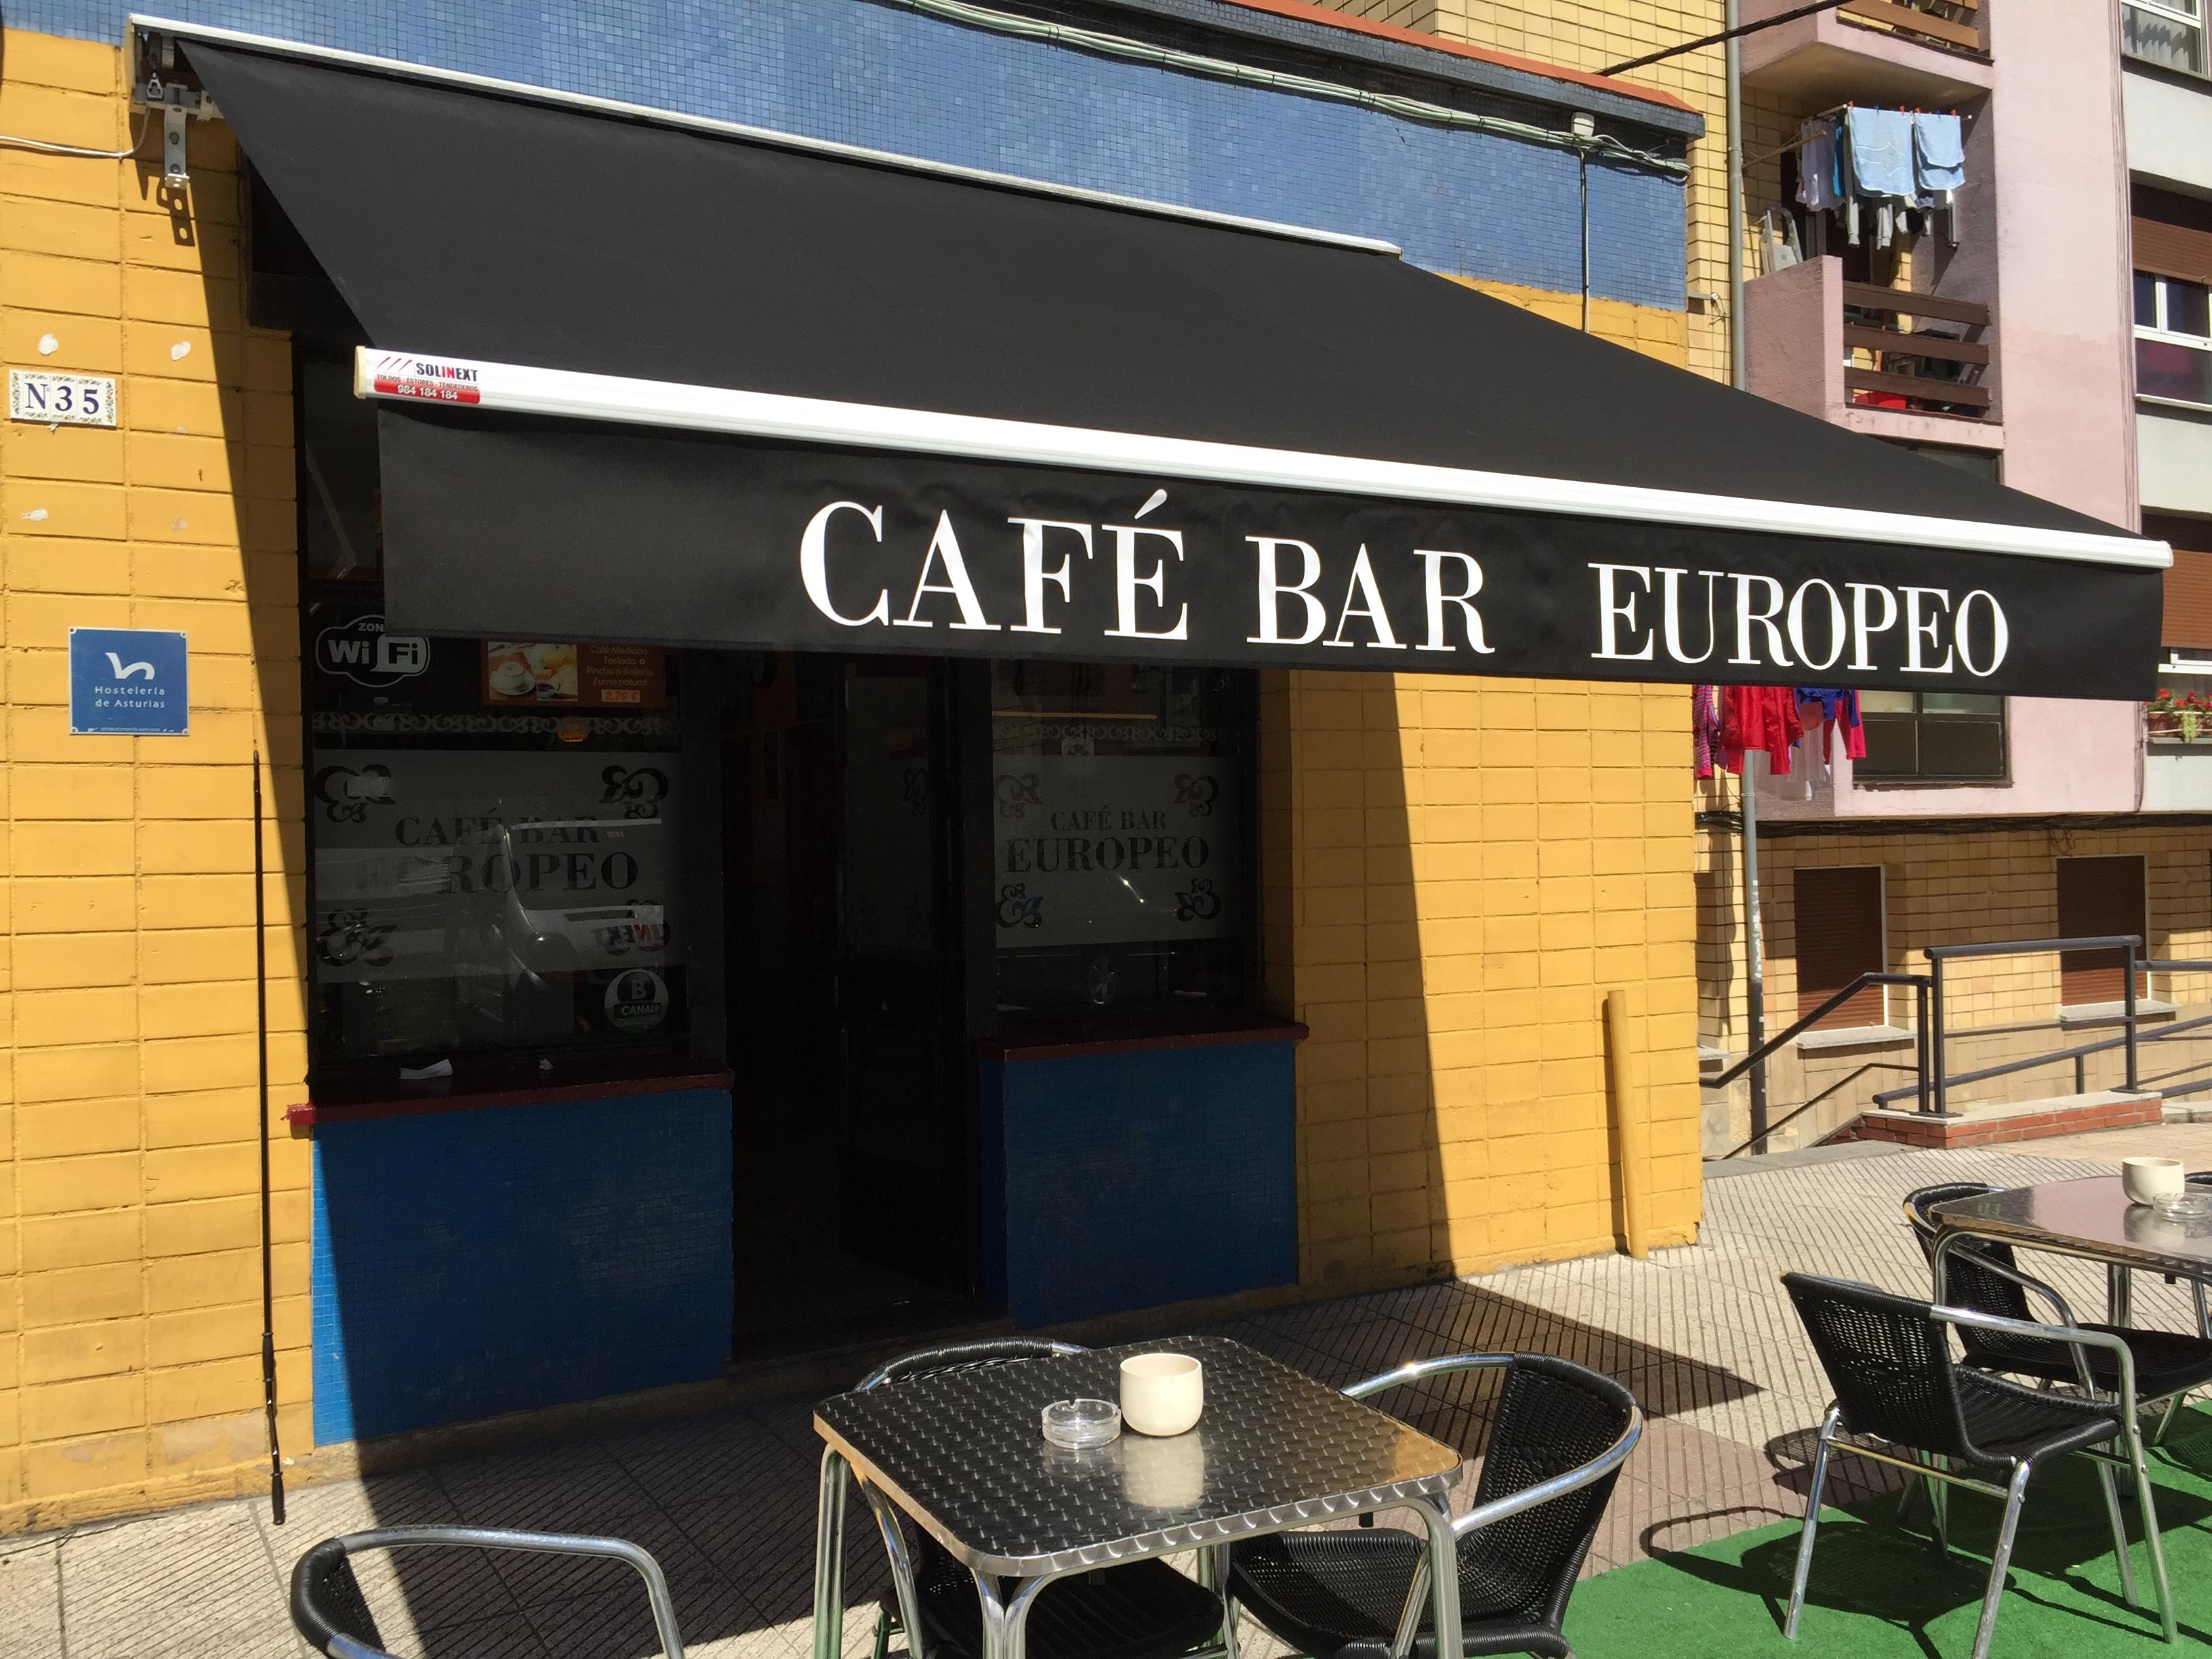 Toldos oviedo caf bar europeo toldos en asturias for Mobiliario para cafe bar